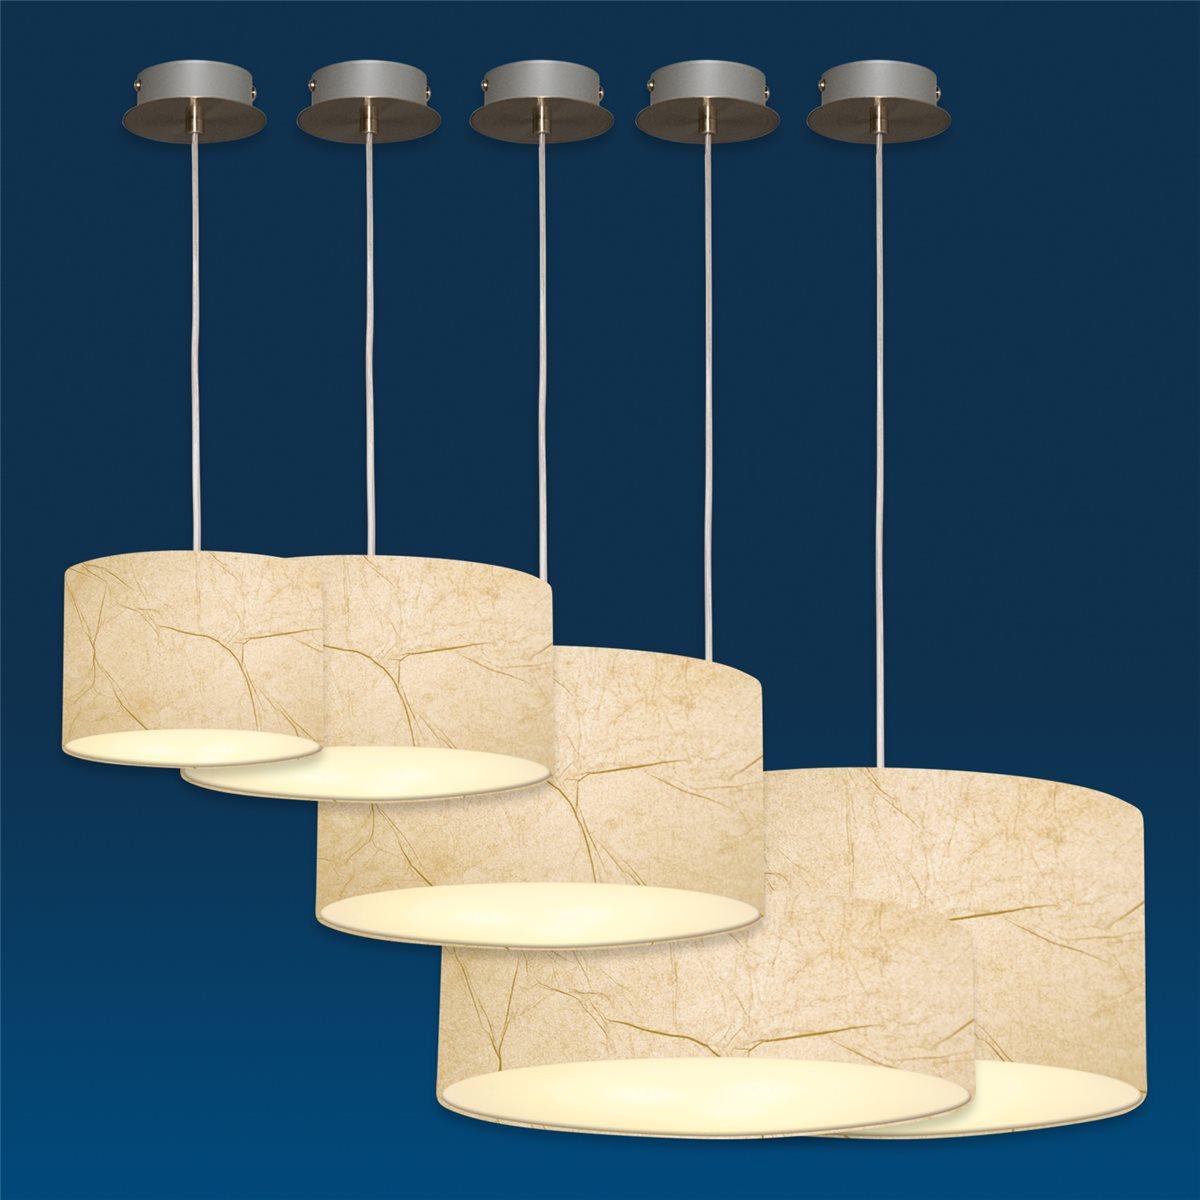 Lampenlux Pendelleuchte Nero Hängeleuchte Bauhaus Höhenverstellbar Nickel Satiniert Lichtdurchlässige Folie Robust Hängelampe Pendellampe Ø15-60cm